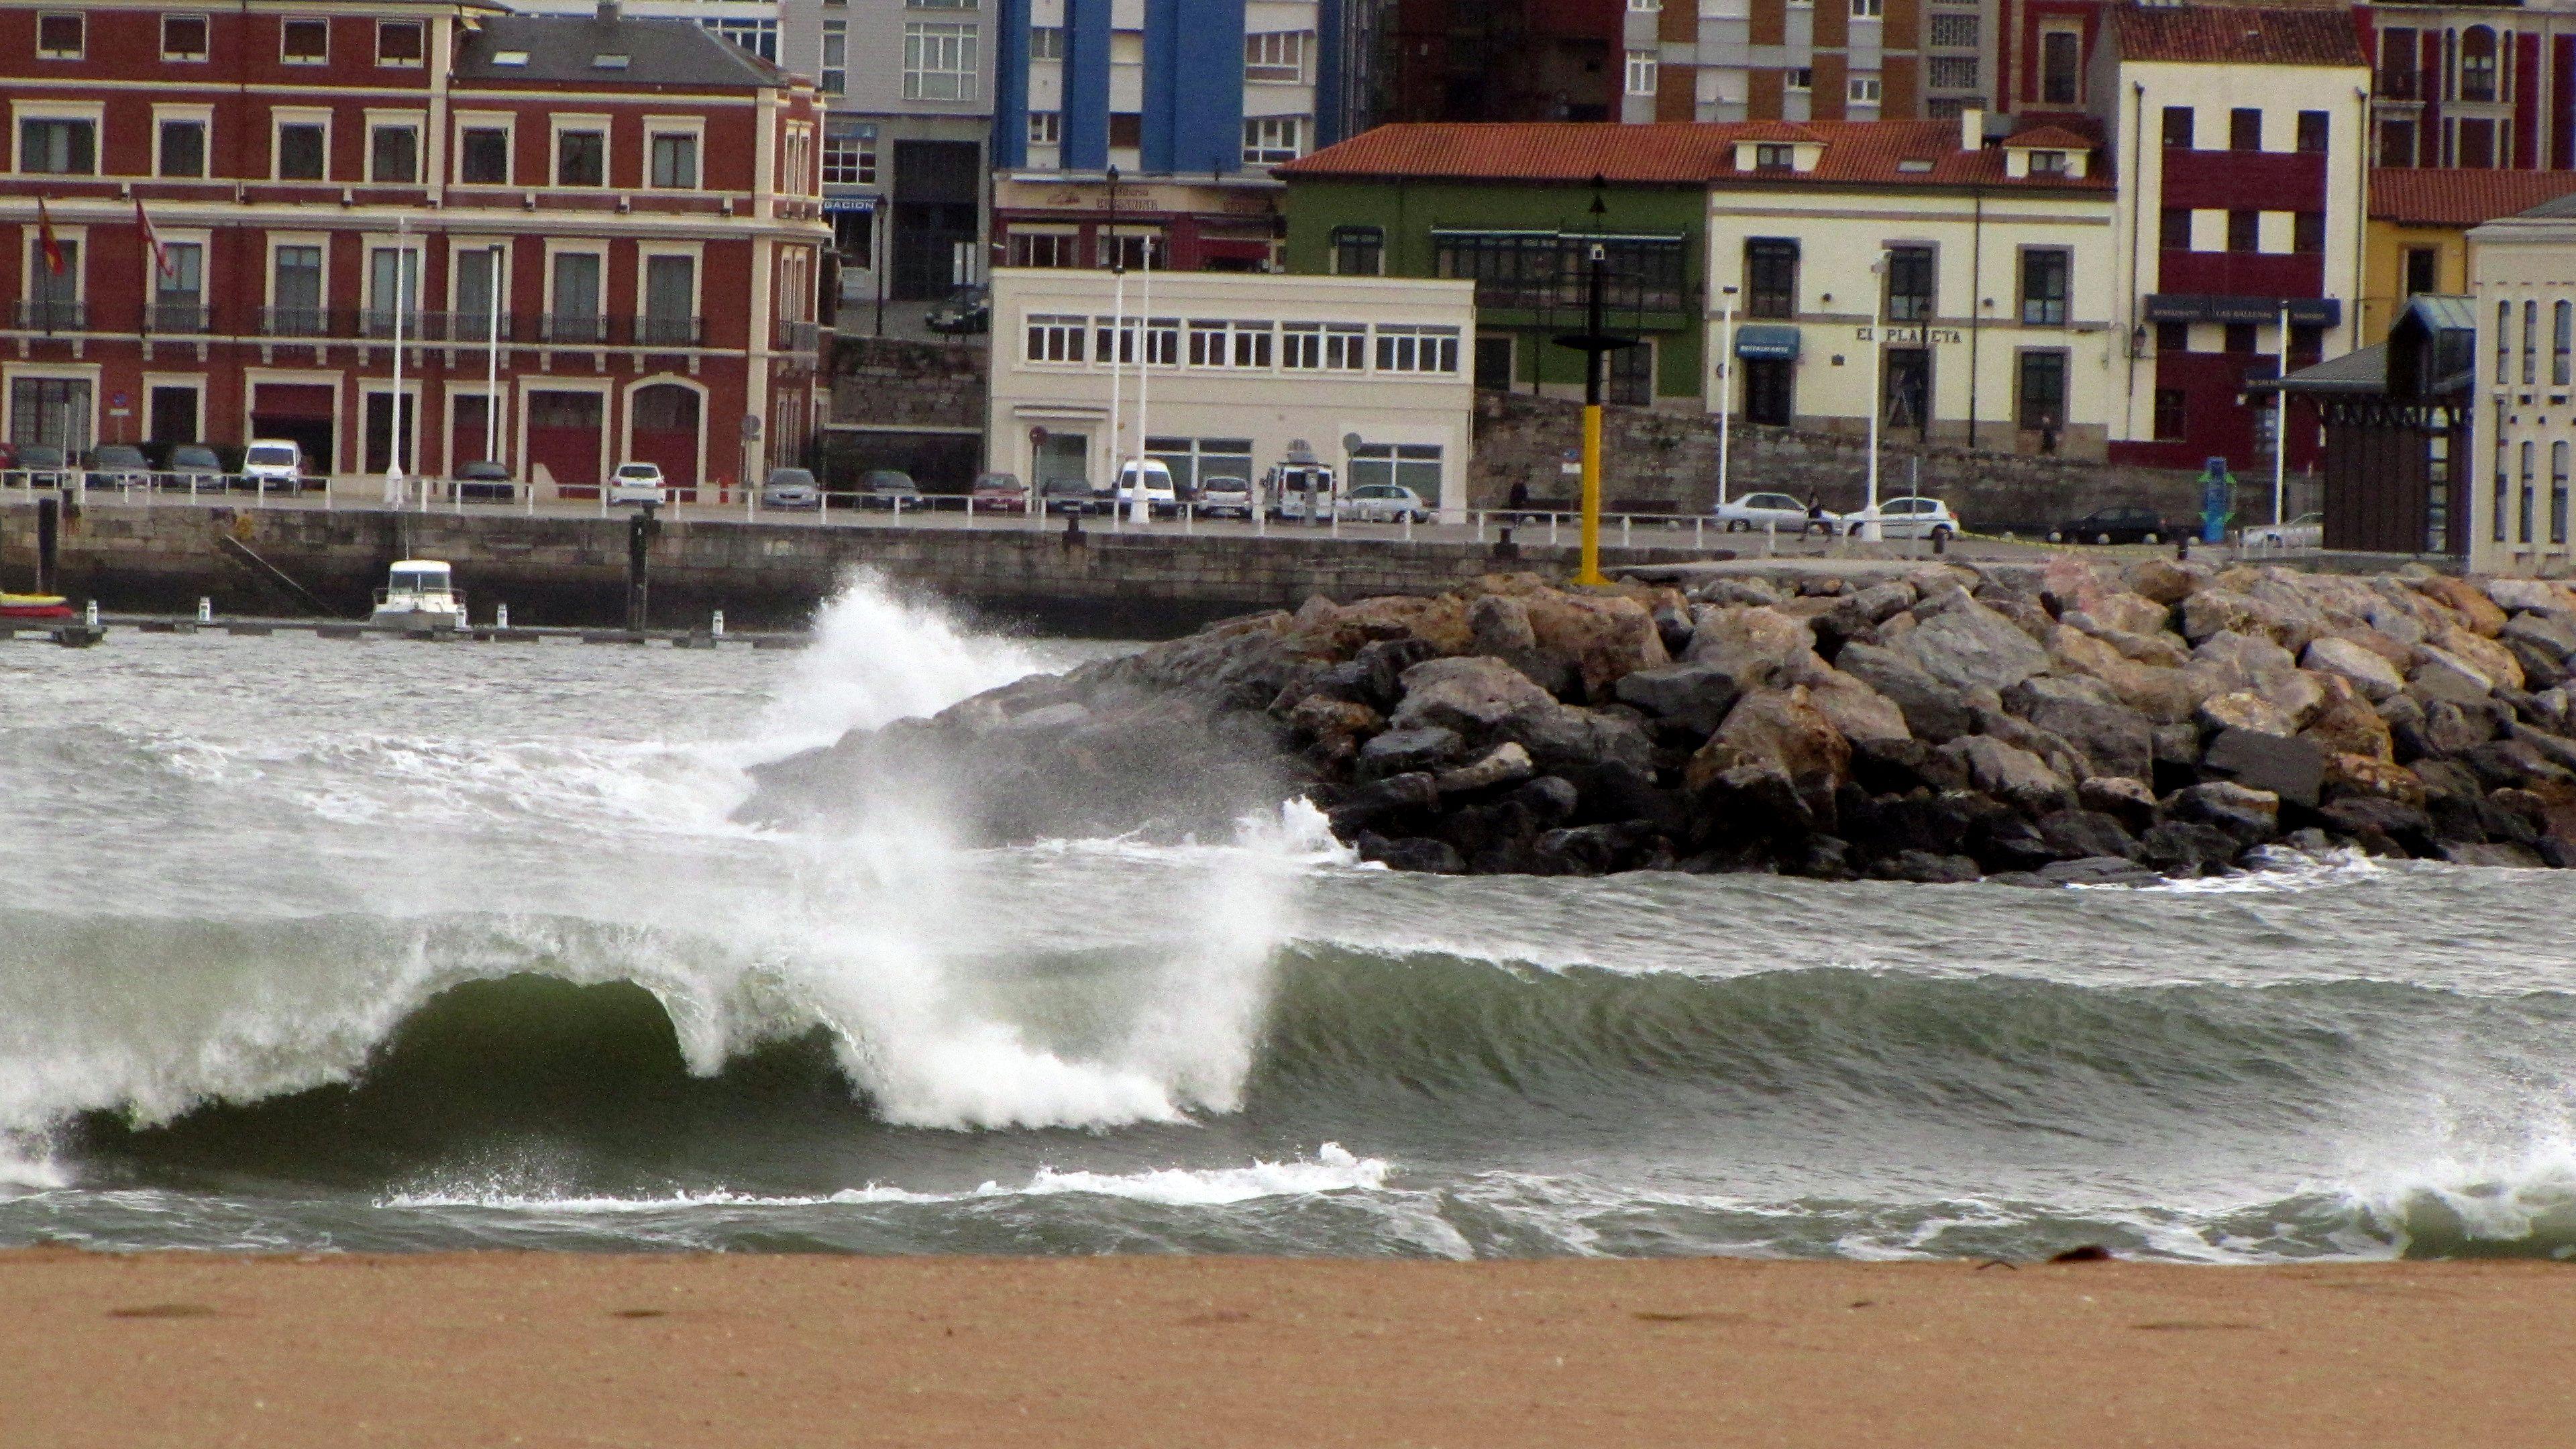 Una izquierda rompe solitaria en la Playa de Poniente de Gijón